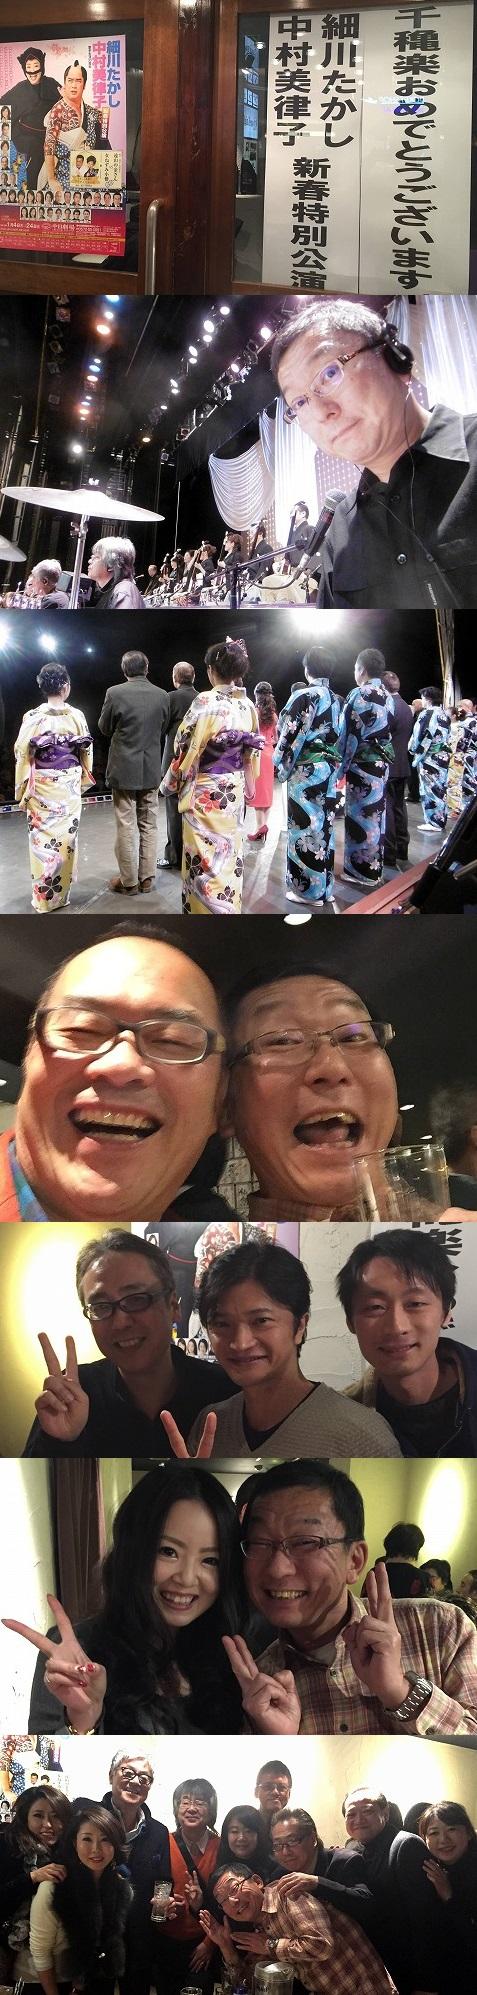 20160124中日千秋楽